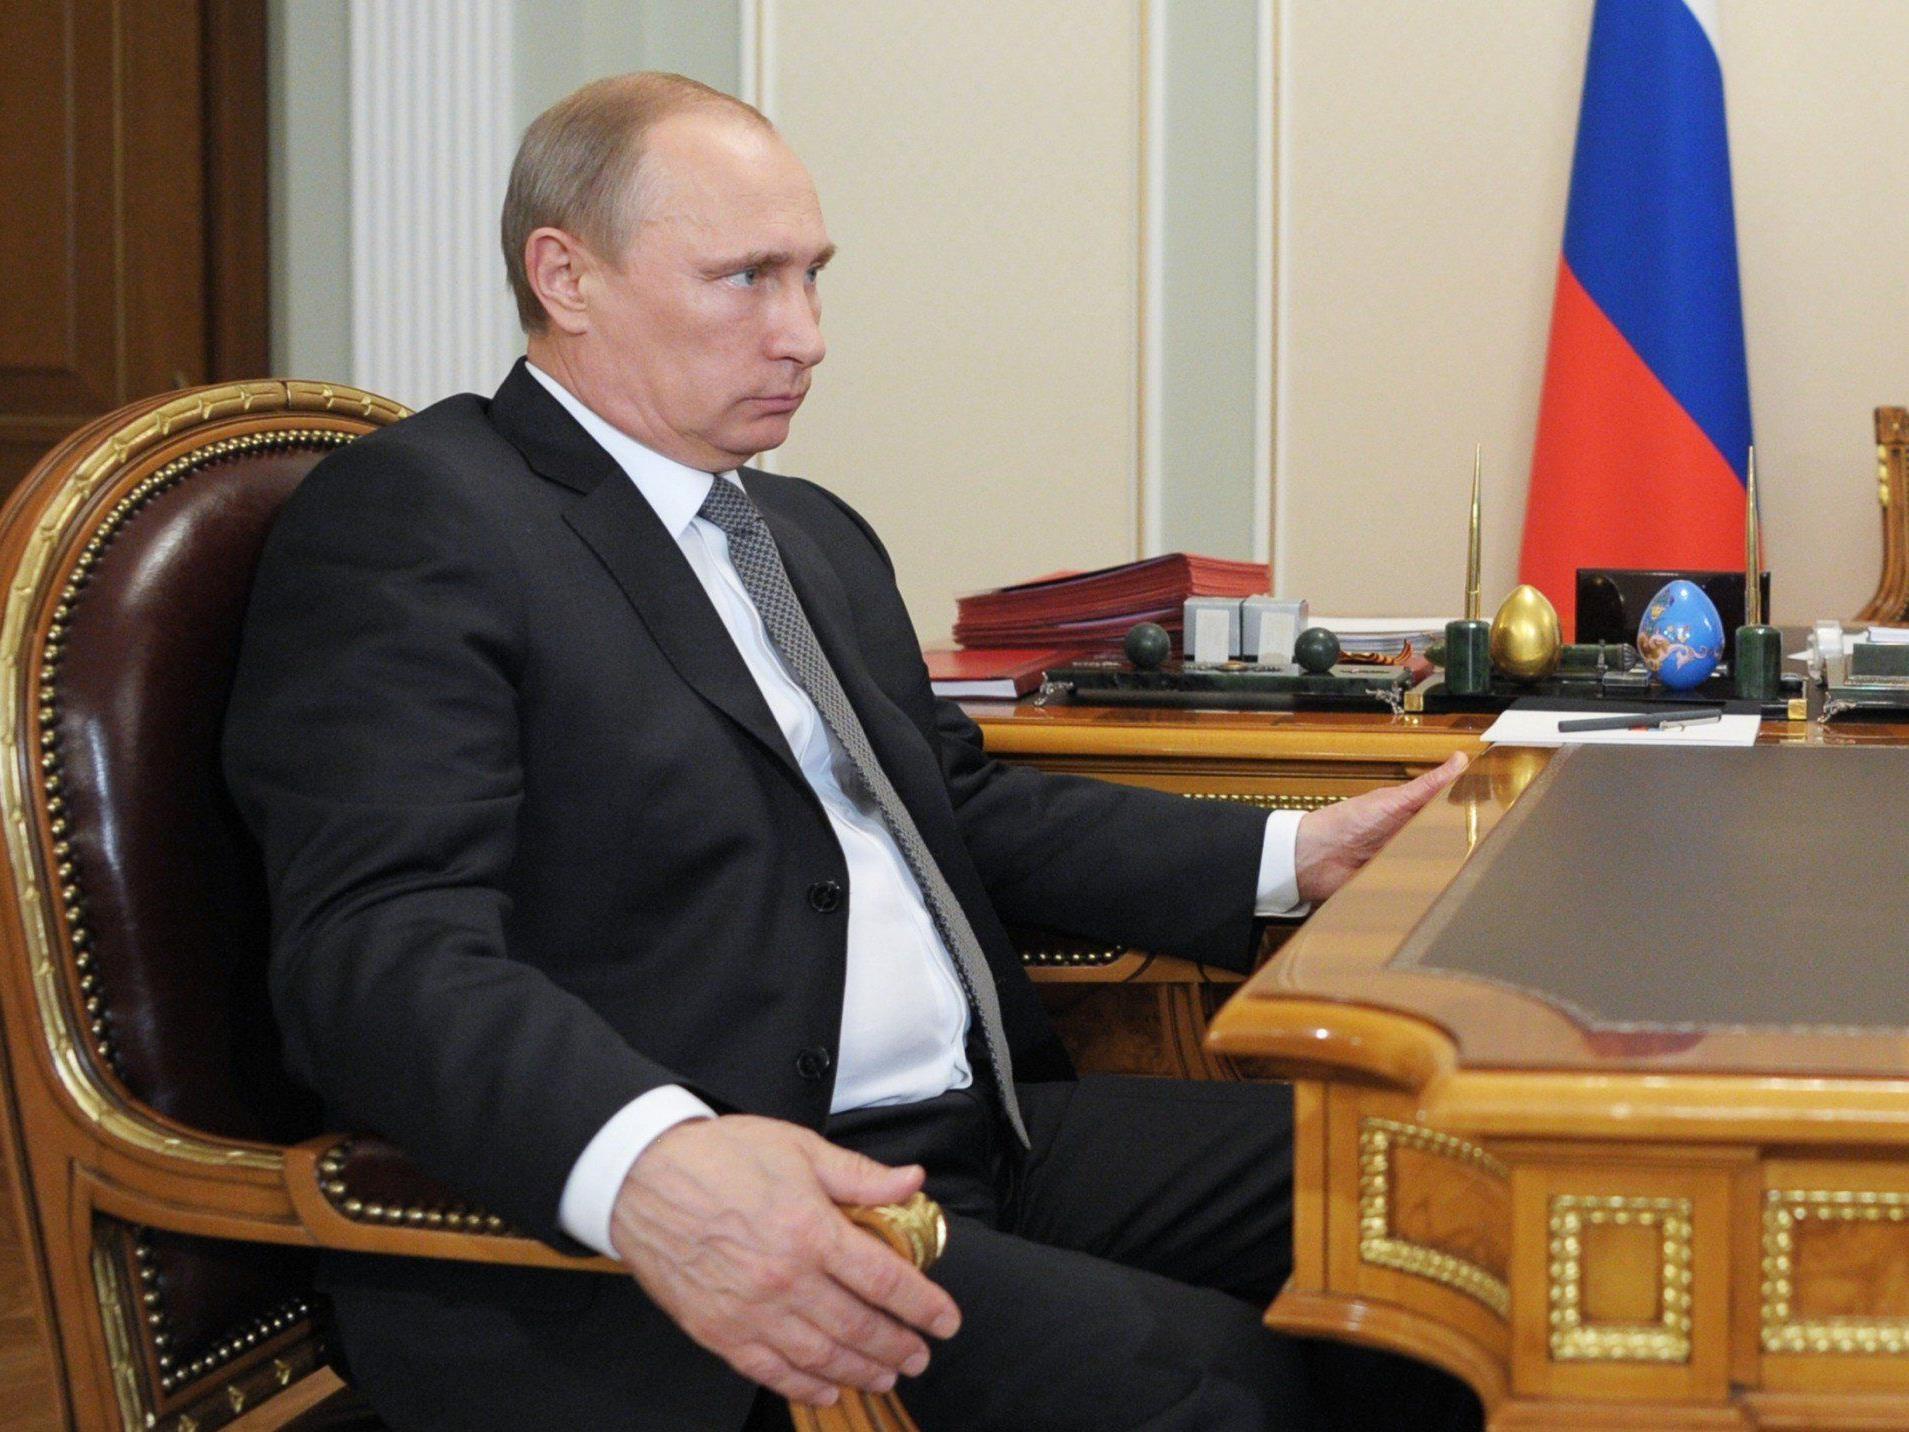 Kontakt der beiden Präsidenten nach Tod von zwei russischen Reportern in Ostukraine.